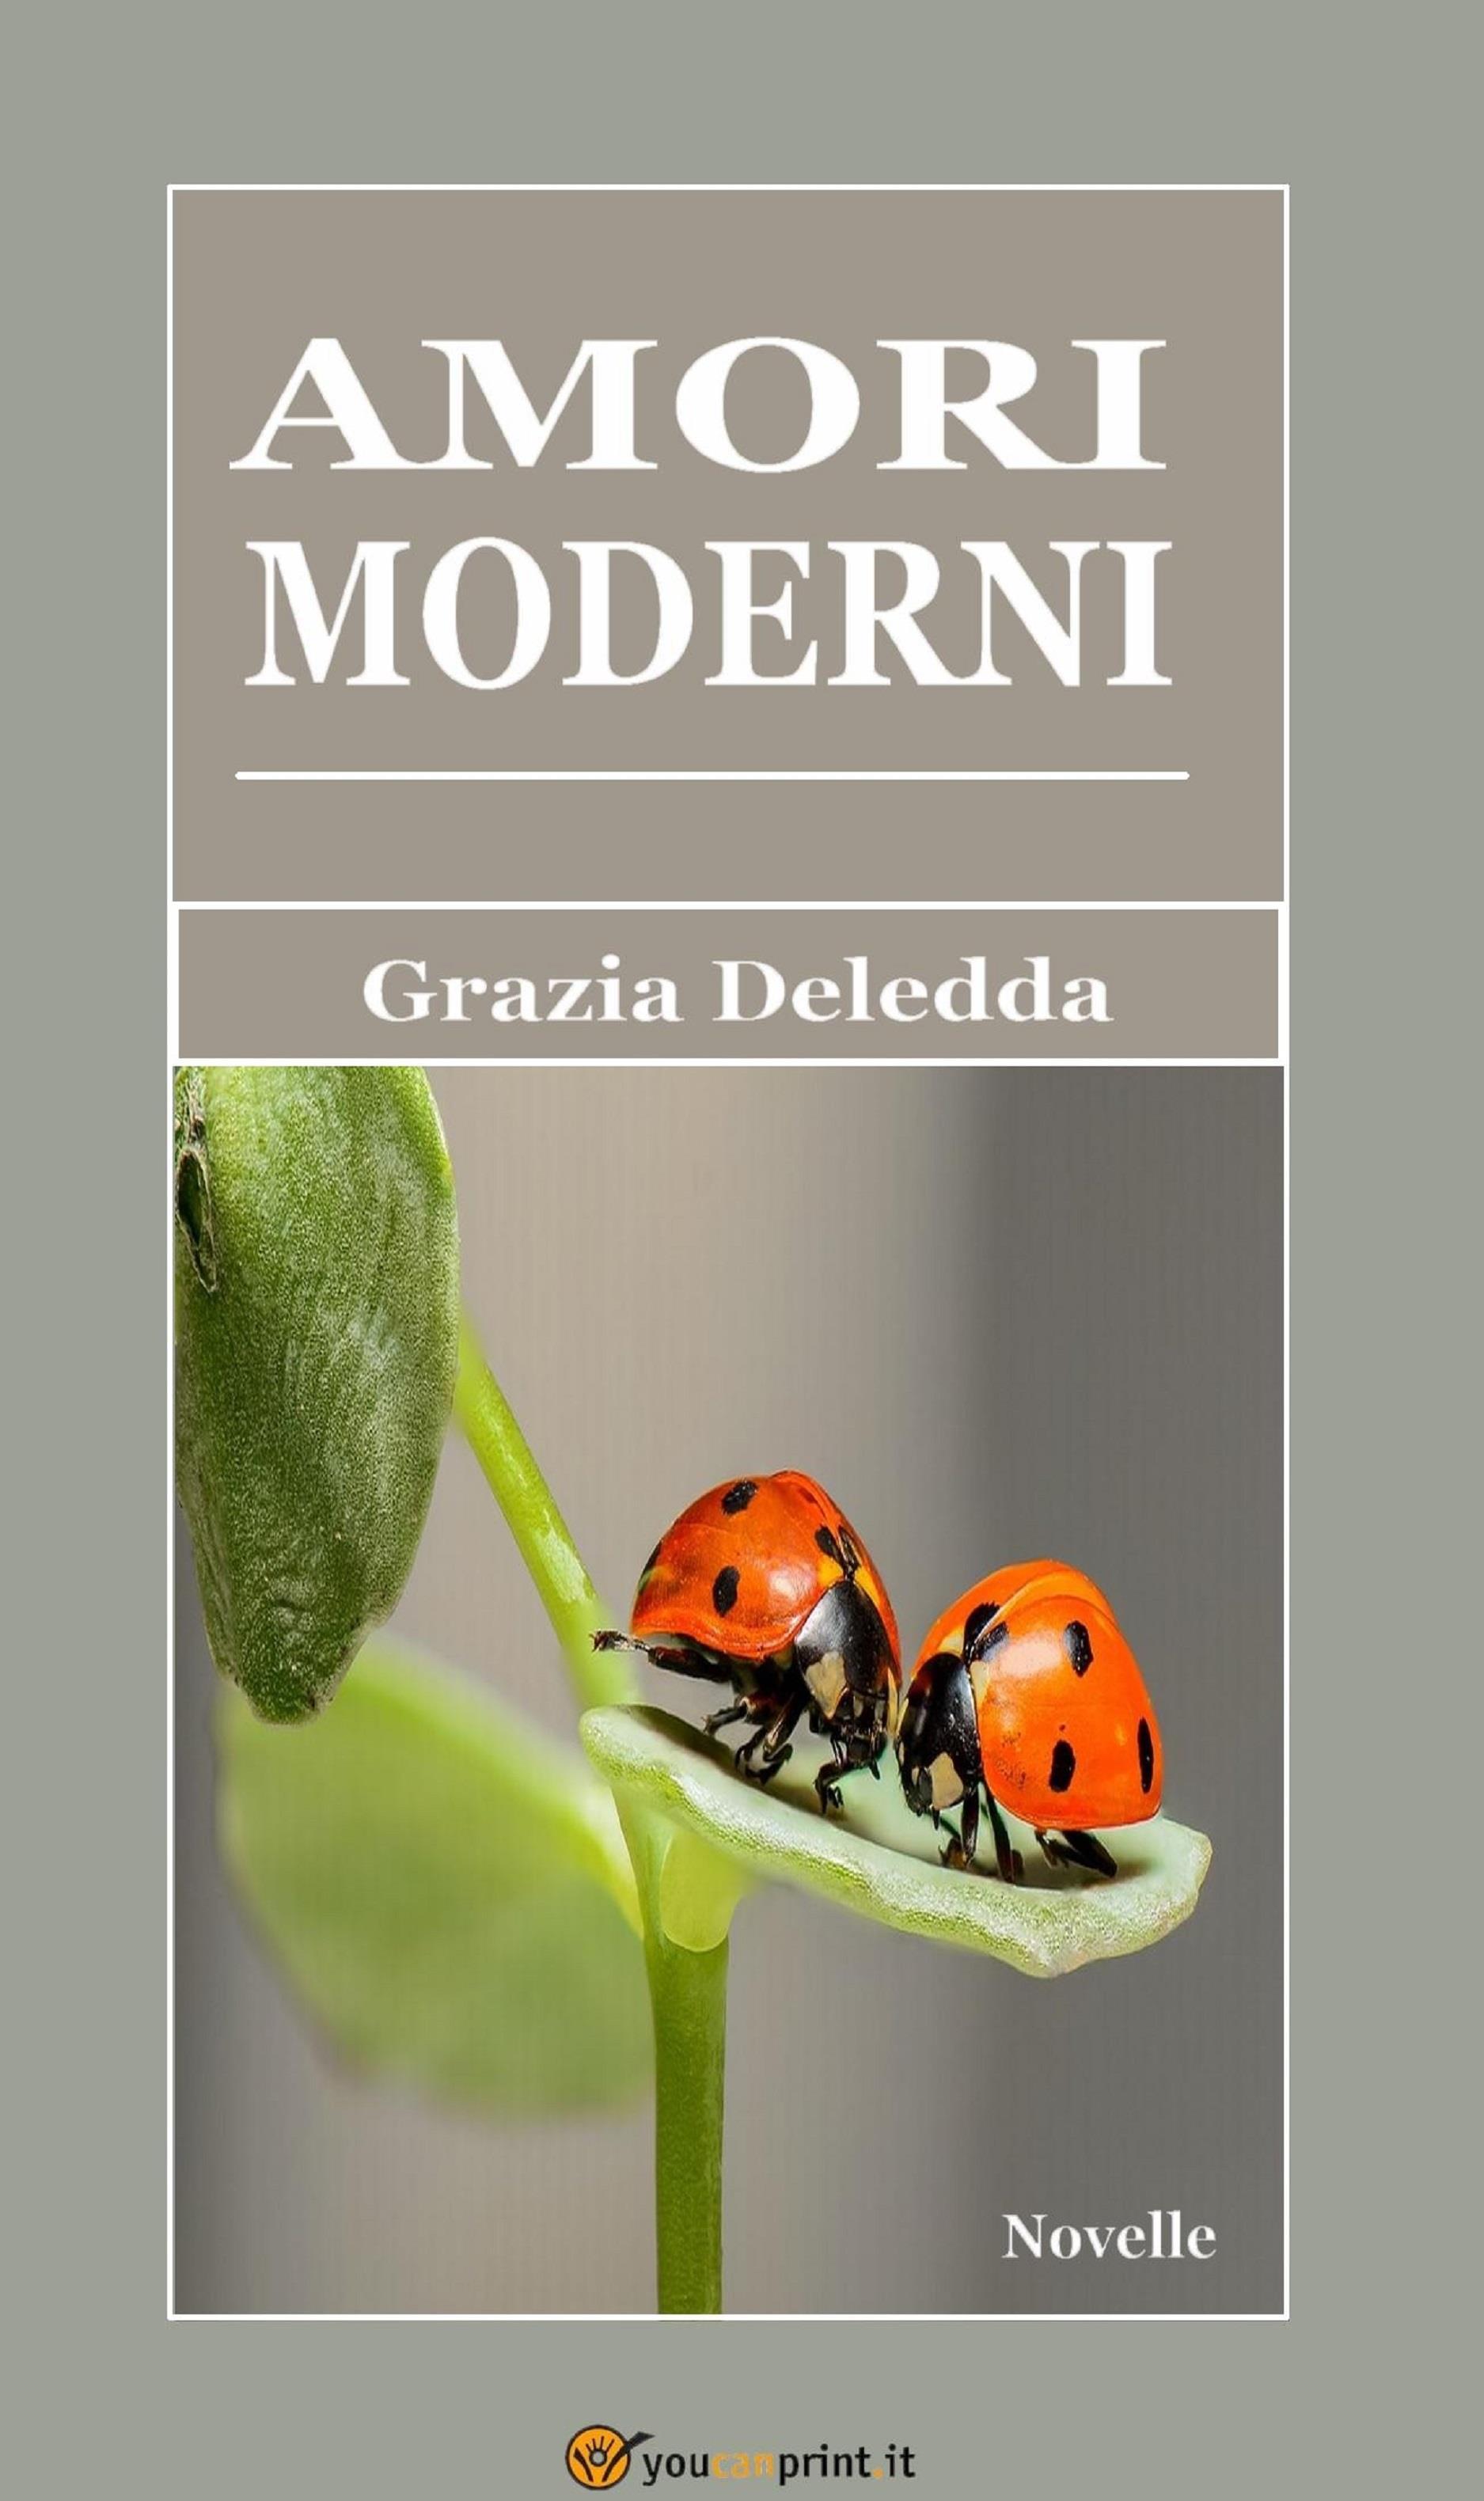 Amori moderni (Novelle)